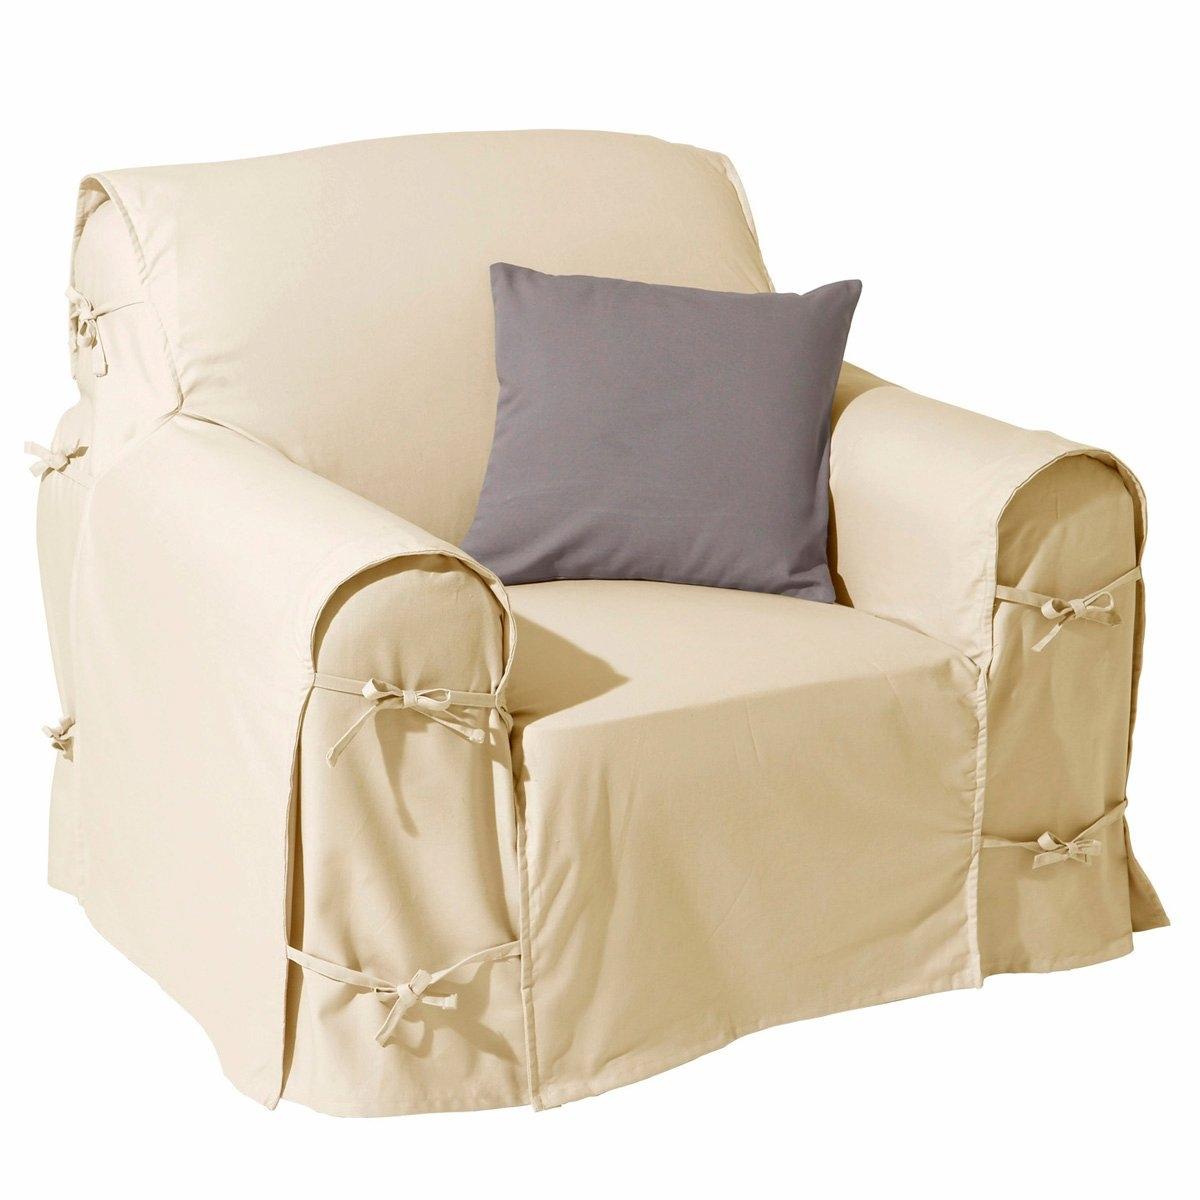 Чехол для креслаПодарите новую жизнь креслу благодаря этому чехлу из 100% хлопка, оцените широкую гамму ультрасовременных цветов! Характеристики чехла для кресла:- Практичный чехол для кресла регулируется завязками. - Красивая плотная ткань из 100% хлопка (220 г/м?).- Обработка против пятен.- Простой уход: стирка при 40°, превосходная стойкость цвета.Размеры чехла для кресла:- Общая высота: 102 см.- Максимальная ширина: 80 см.- Глубина сидения: 60 см.- Высота подлокотников: 66 см.Качество VALEUR S?RE. Производство осуществляется с учетом стандартов по защите окружающей среды и здоровья человека, что подтверждено сертификатом Oeko-tex®.<br><br>Цвет: антрацит,белый,медовый,облачно-серый,рубиново-красный,серо-коричневый каштан,сине-зеленый,синий индиго,сливовый,черный,экрю<br>Размер: единый размер